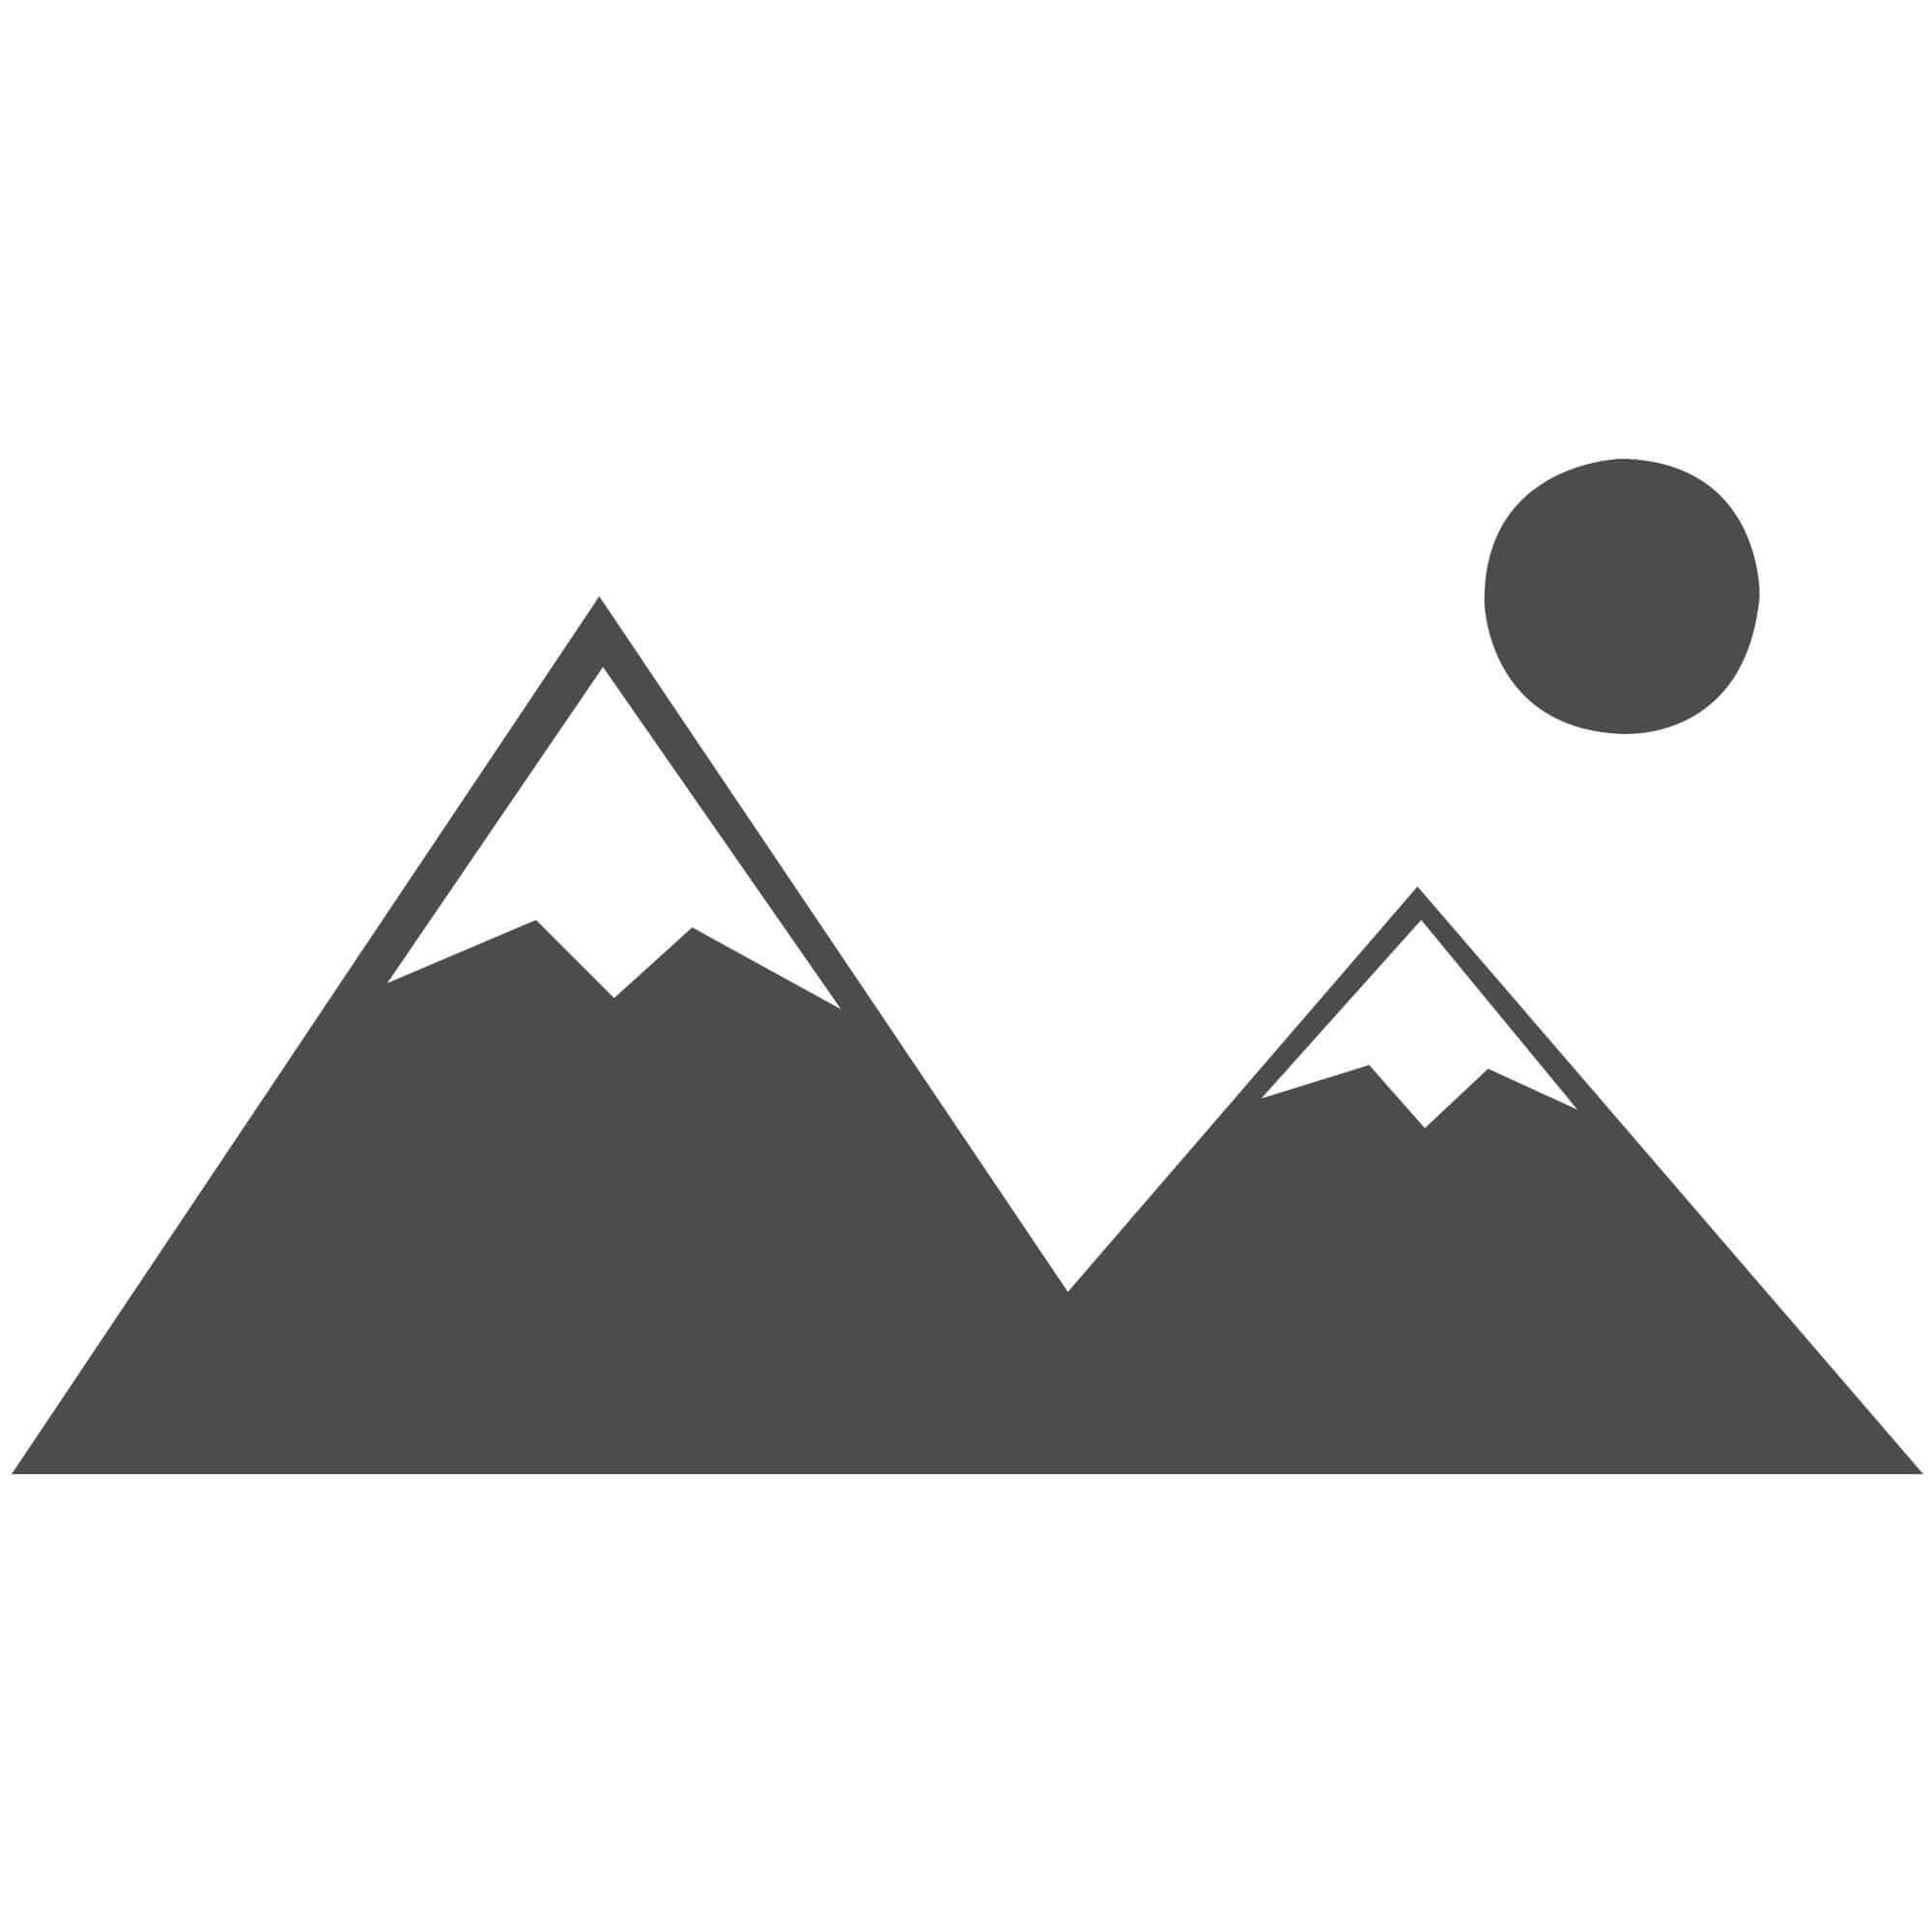 """Galleria Rug - Squares 79244 4848 - Size 120 x 170 cm (4' x 5'7"""")"""